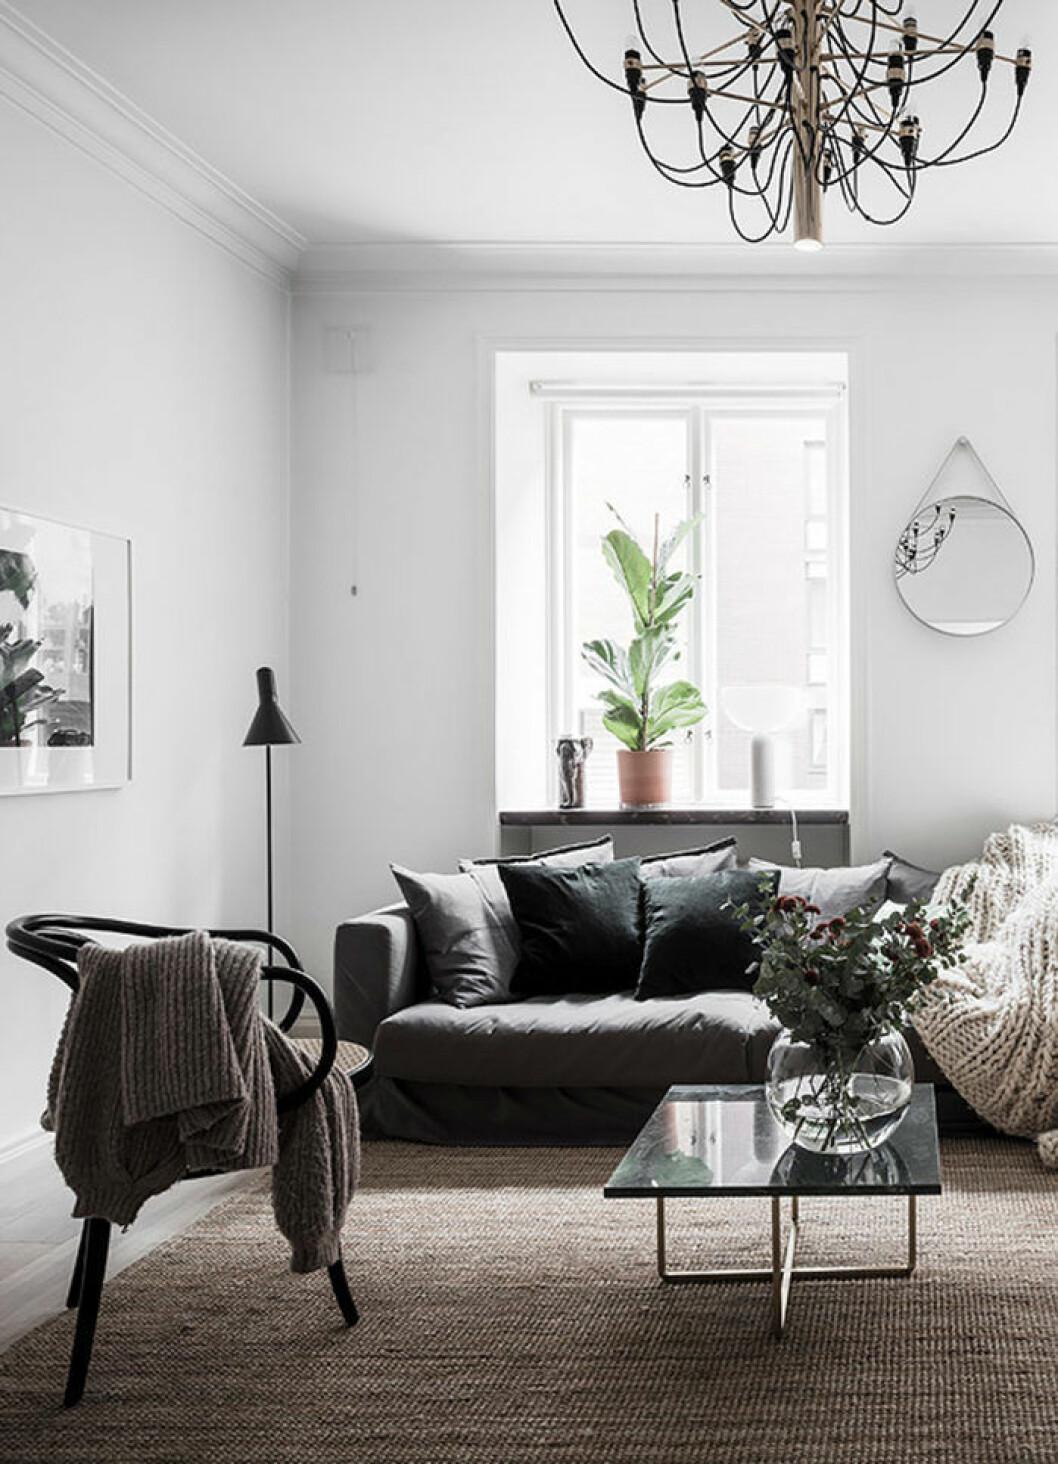 Mörk soffa med mörka kuddar